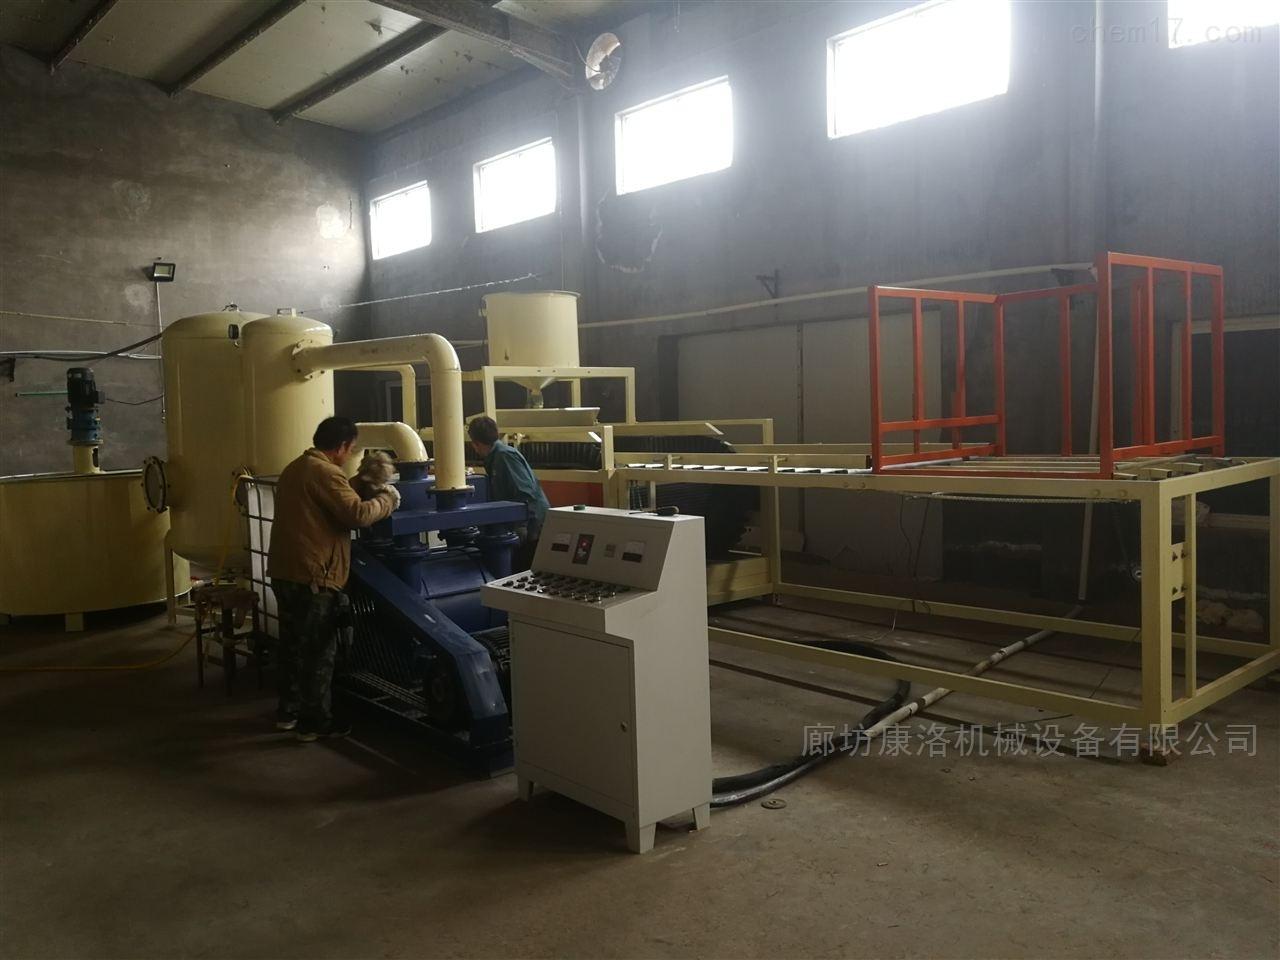 震动硅质板设备-硅质聚合物聚苯保温板直销